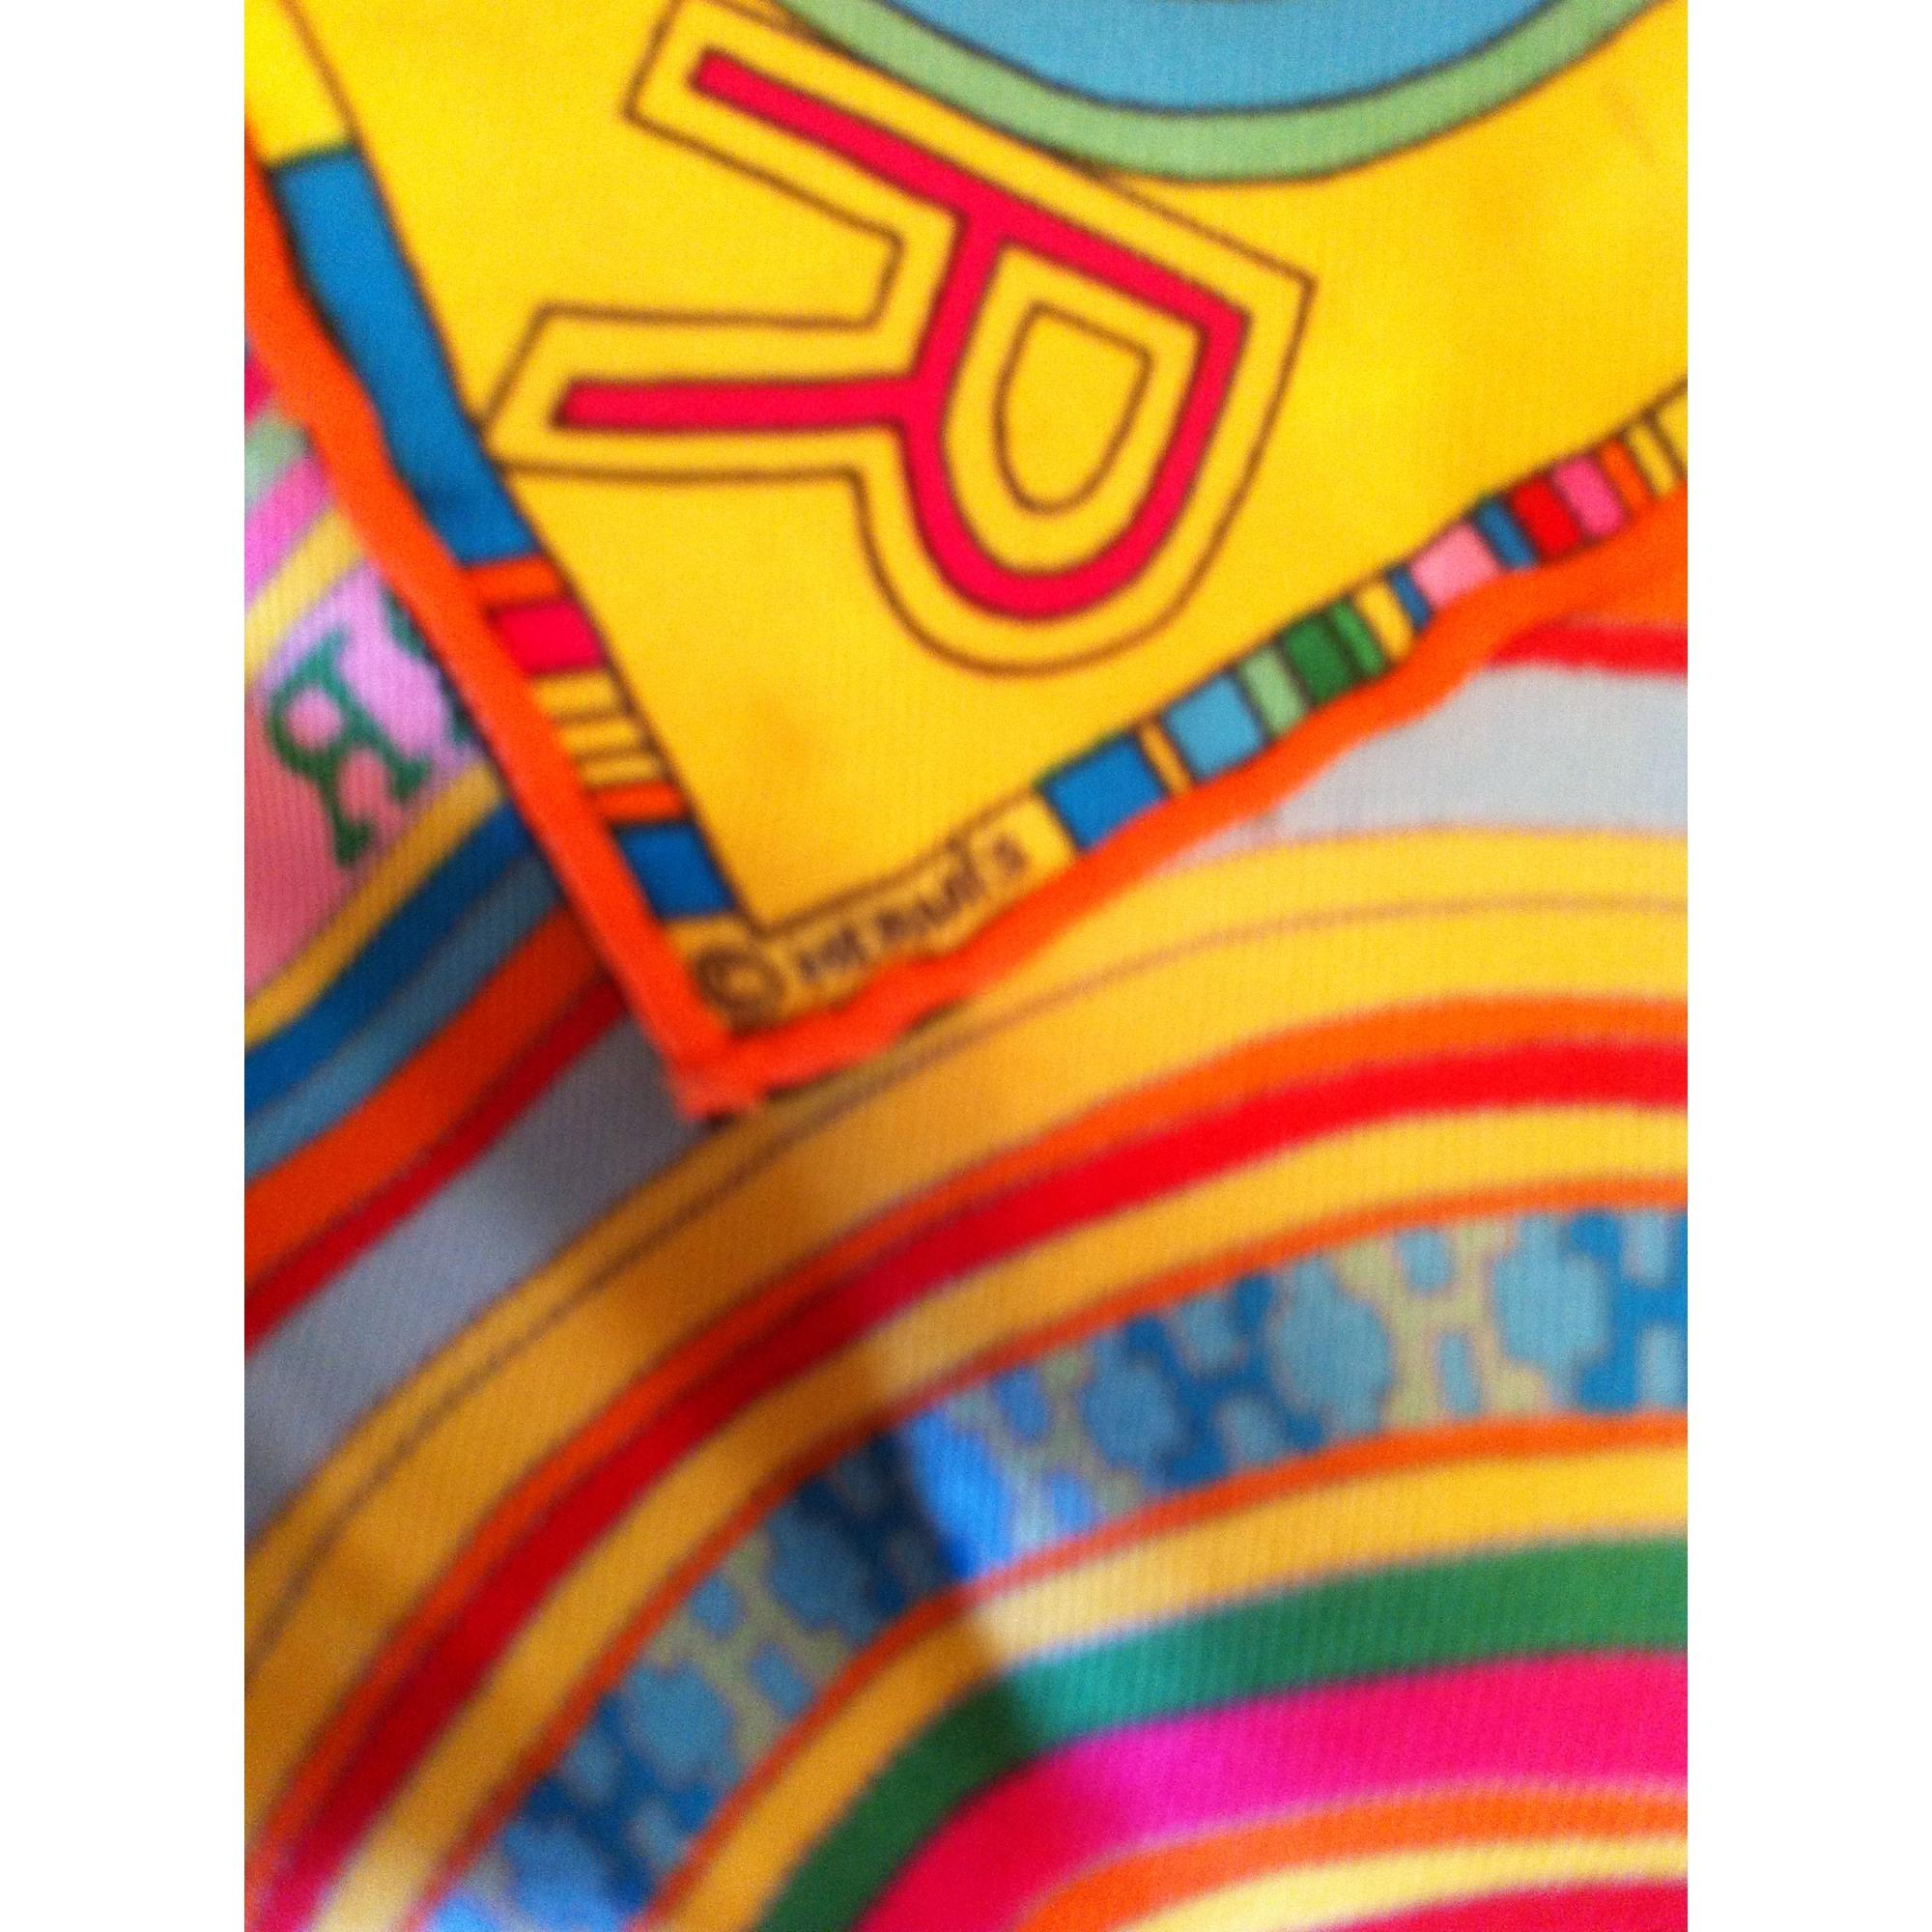 fec3be6c3655 Foulard HERMÈS multicouleur vendu par Kelly de vide dressing - 1975070